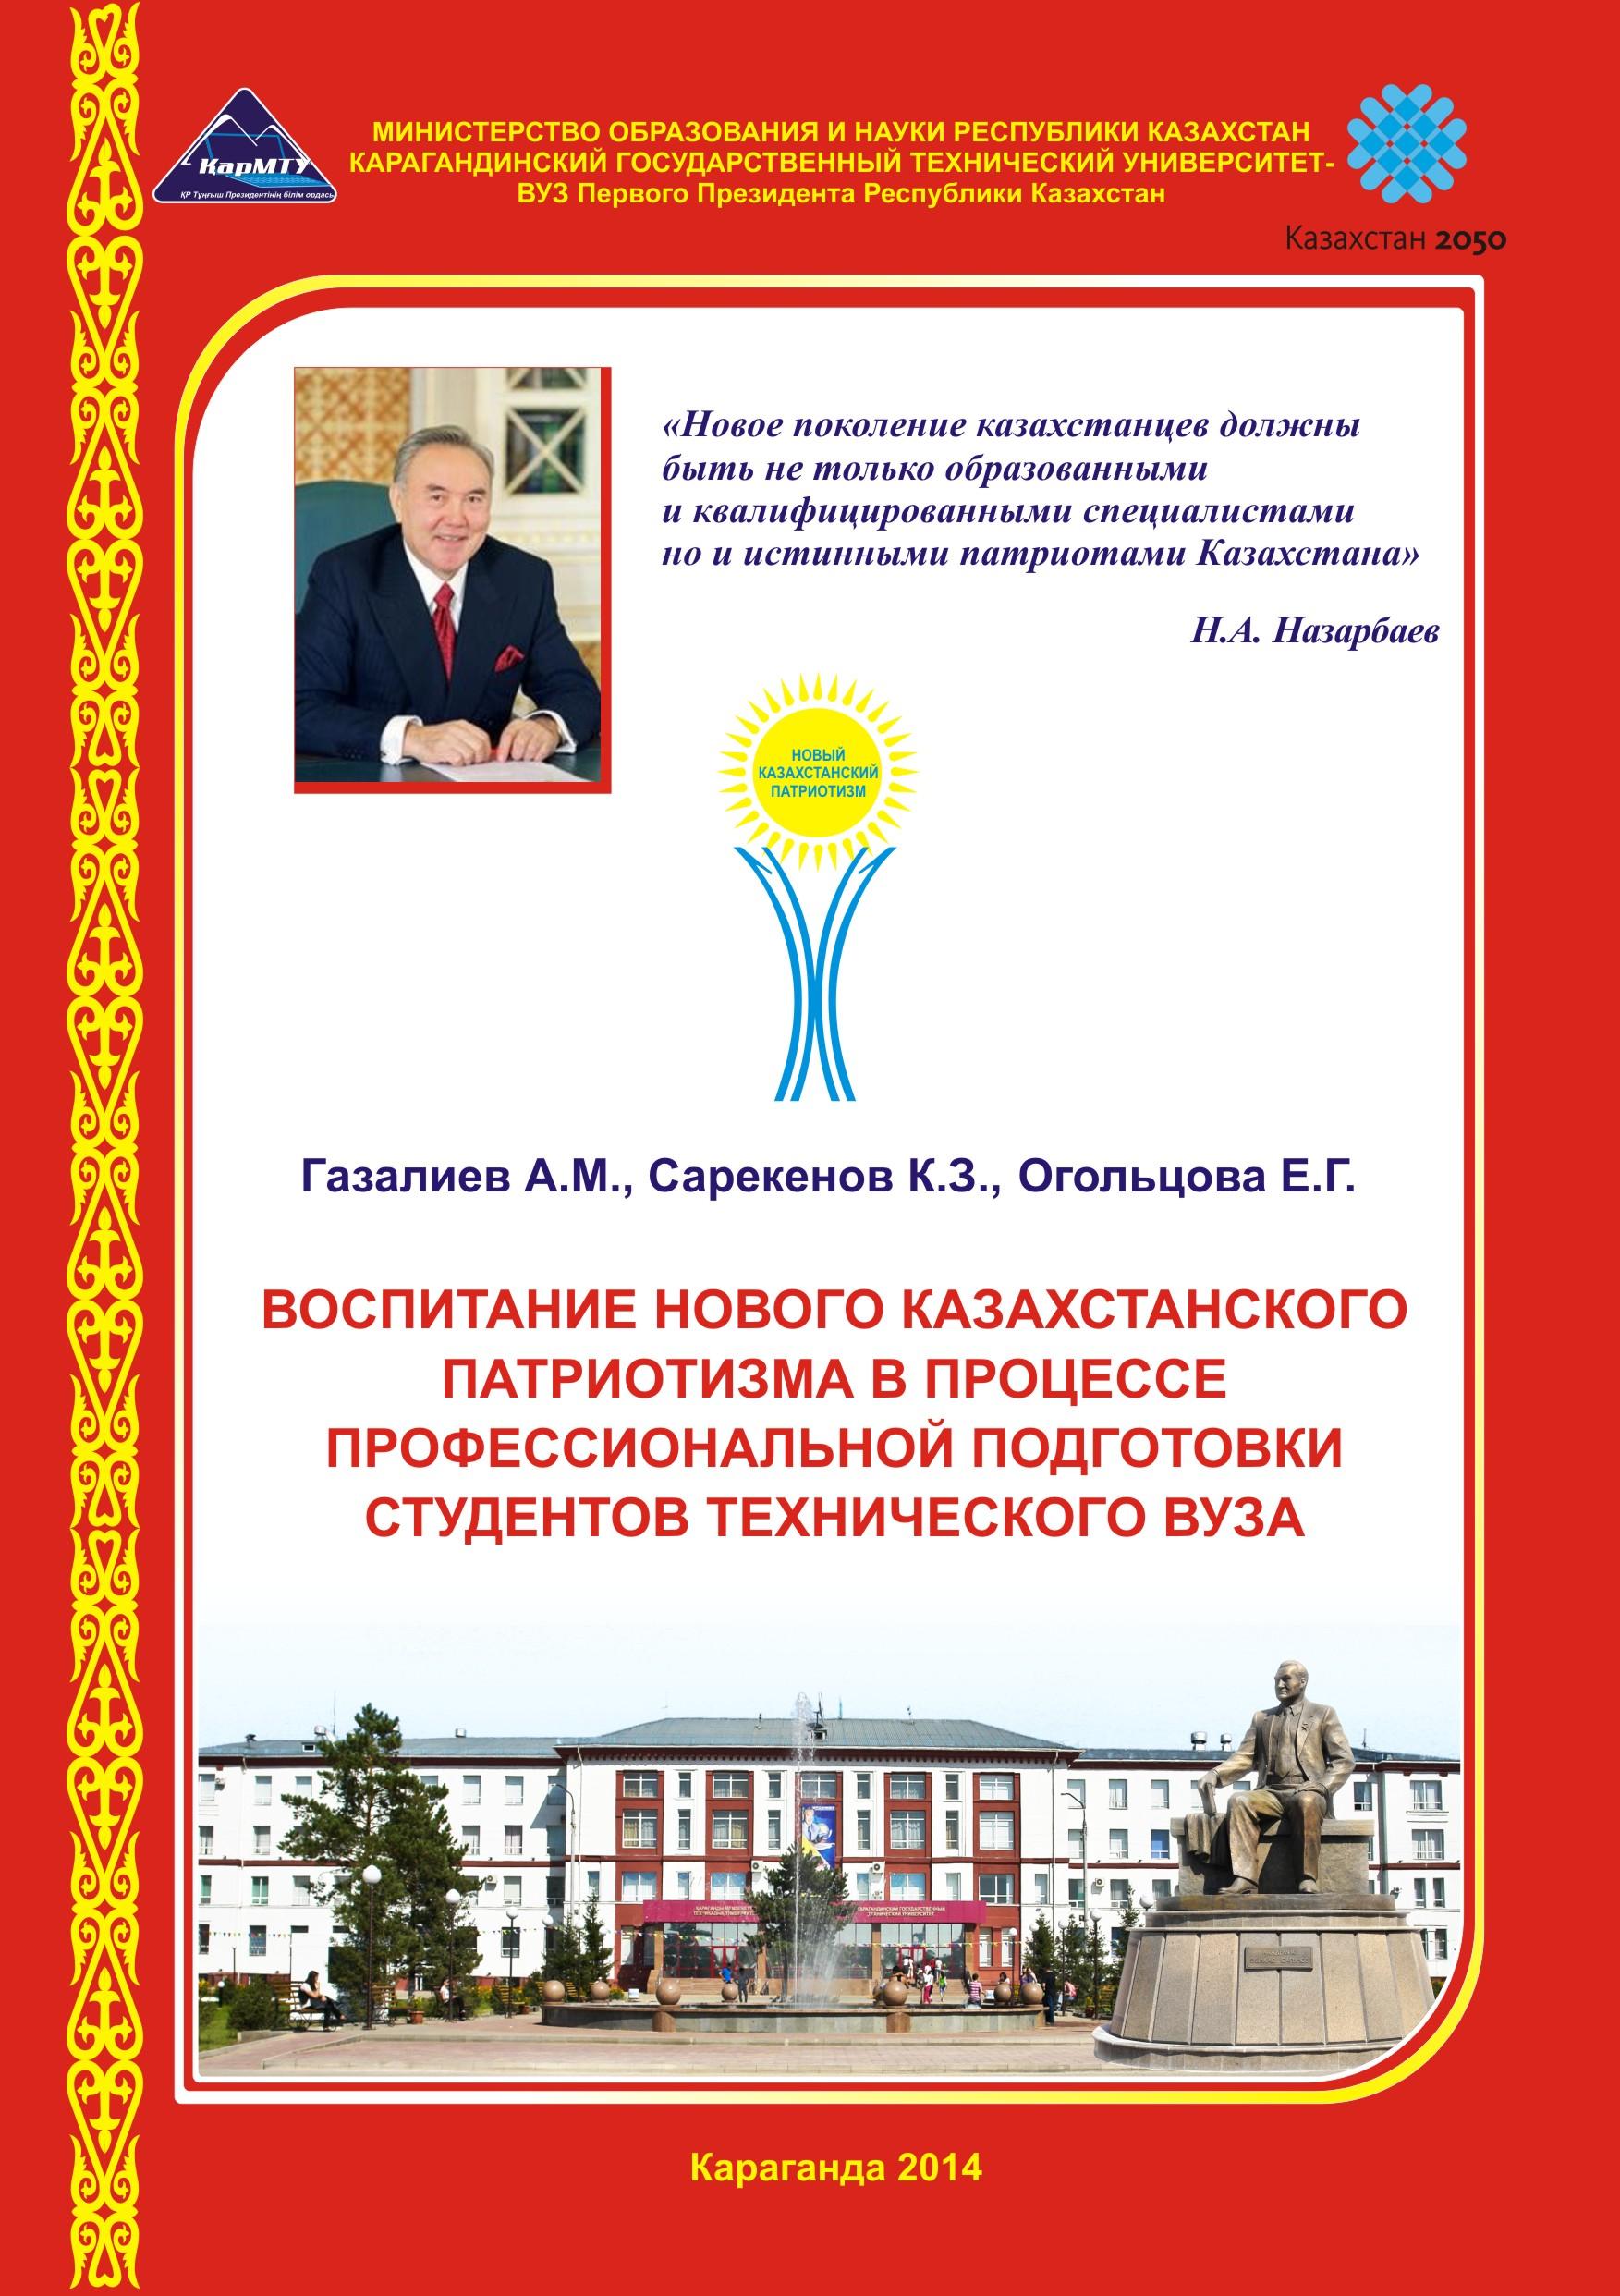 Огольцова